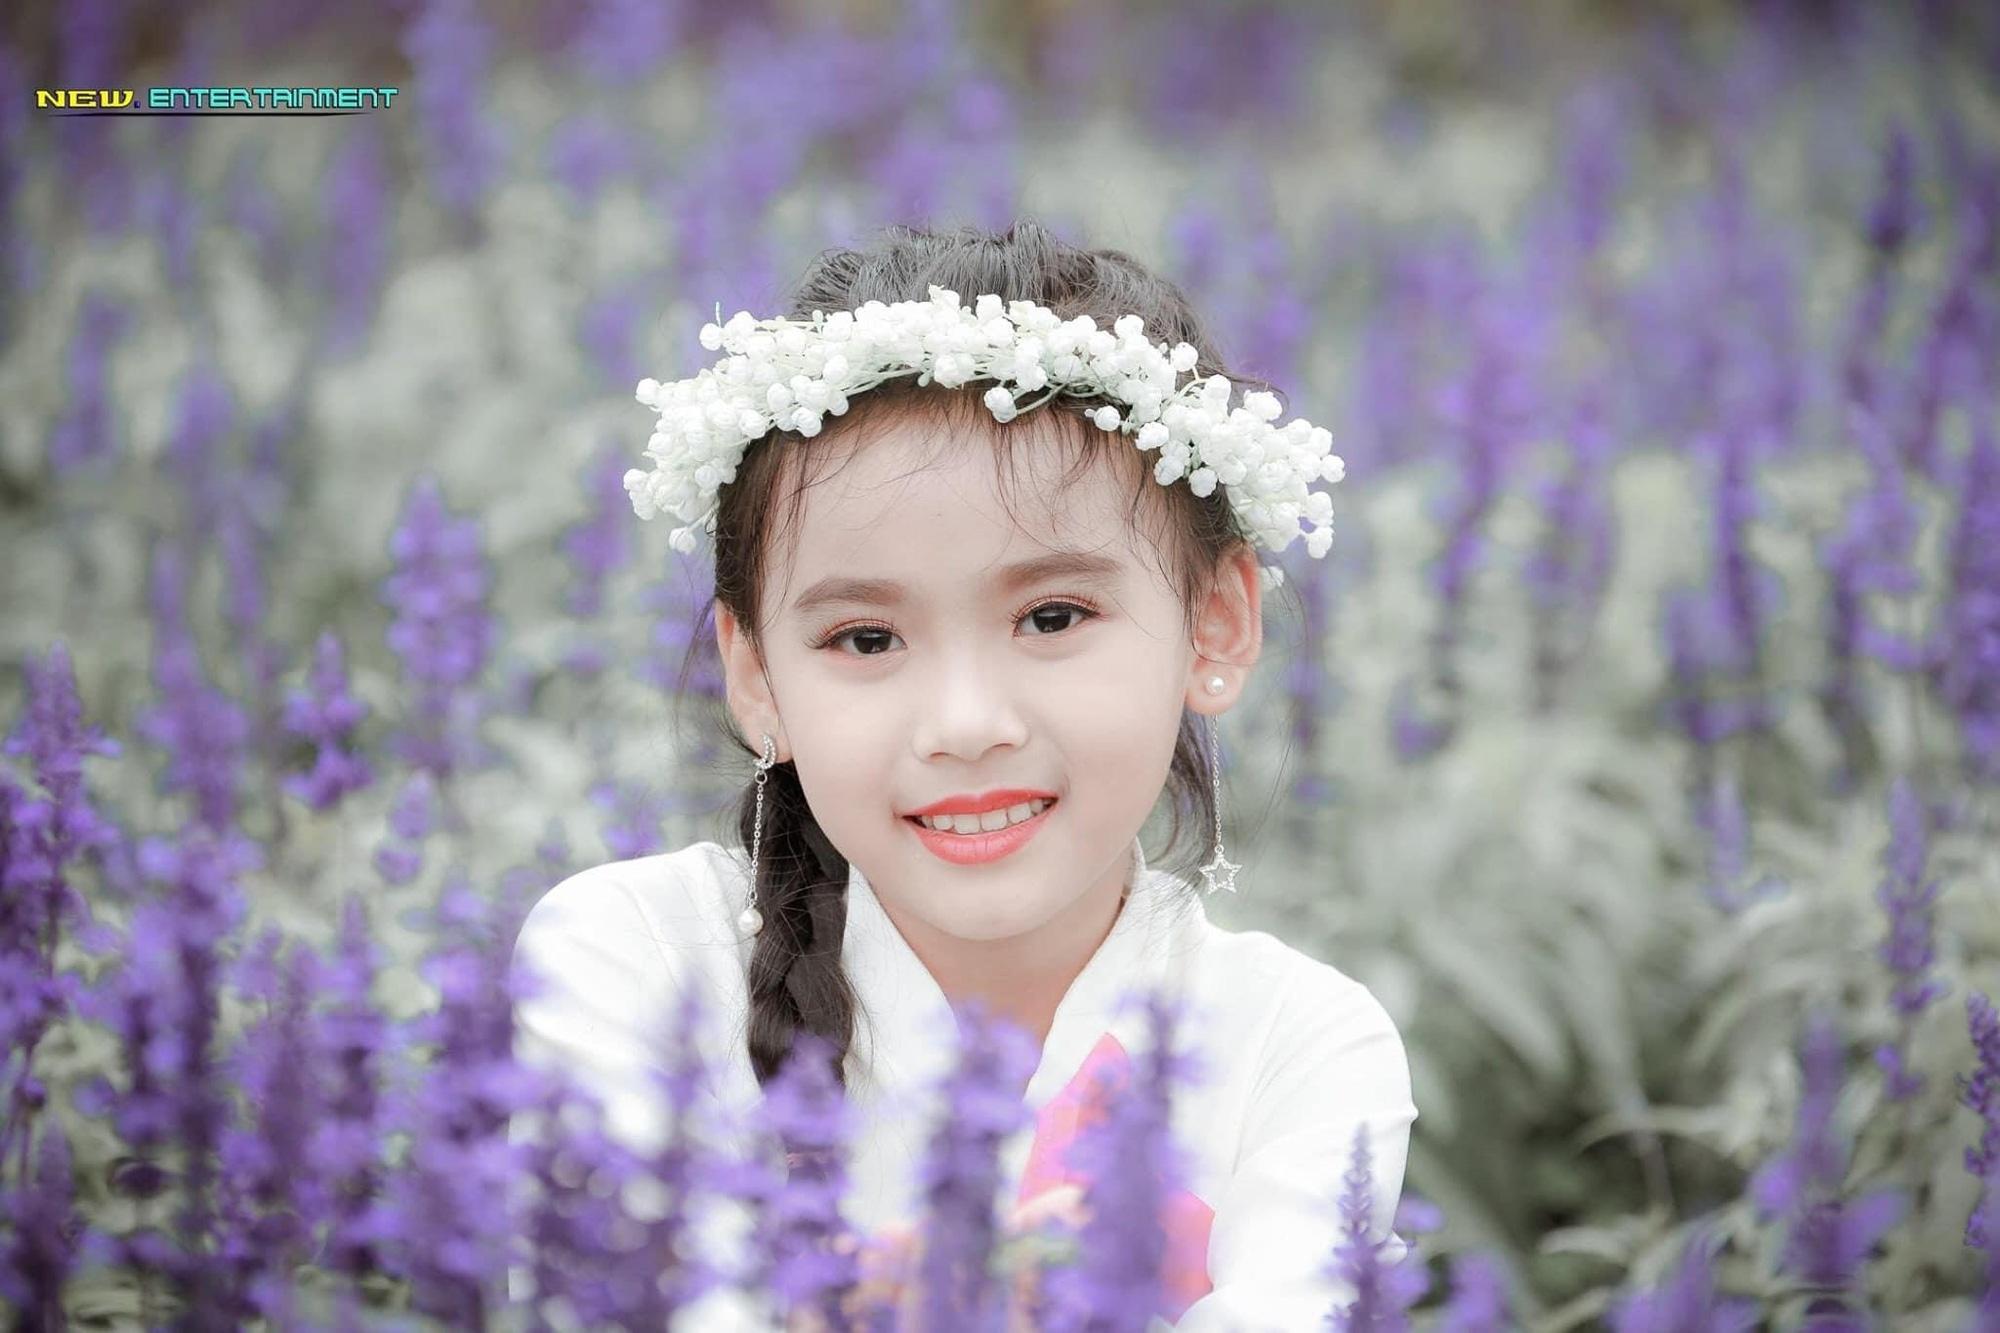 Nguyễn Ngọc Hải Trúc: Công chúa thời trang xuất sắc của Hải Phòng - Ảnh 3.